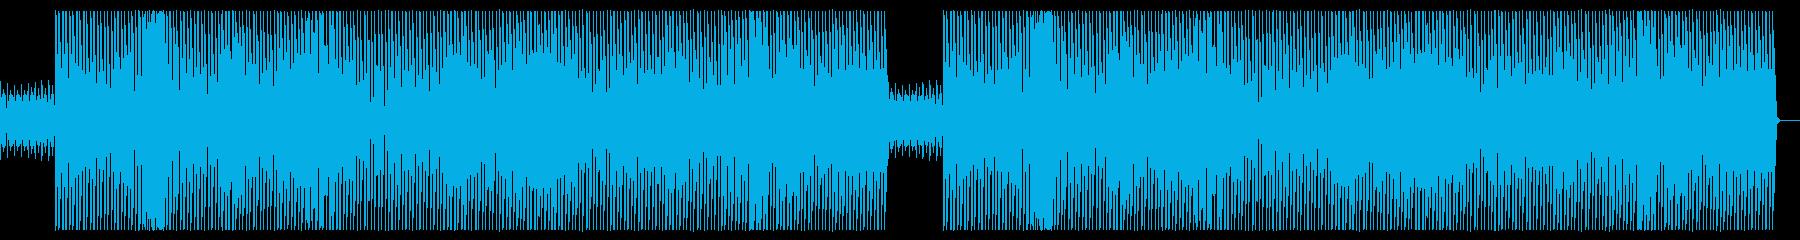 強めのキックとスクラッチが特徴的な楽曲の再生済みの波形